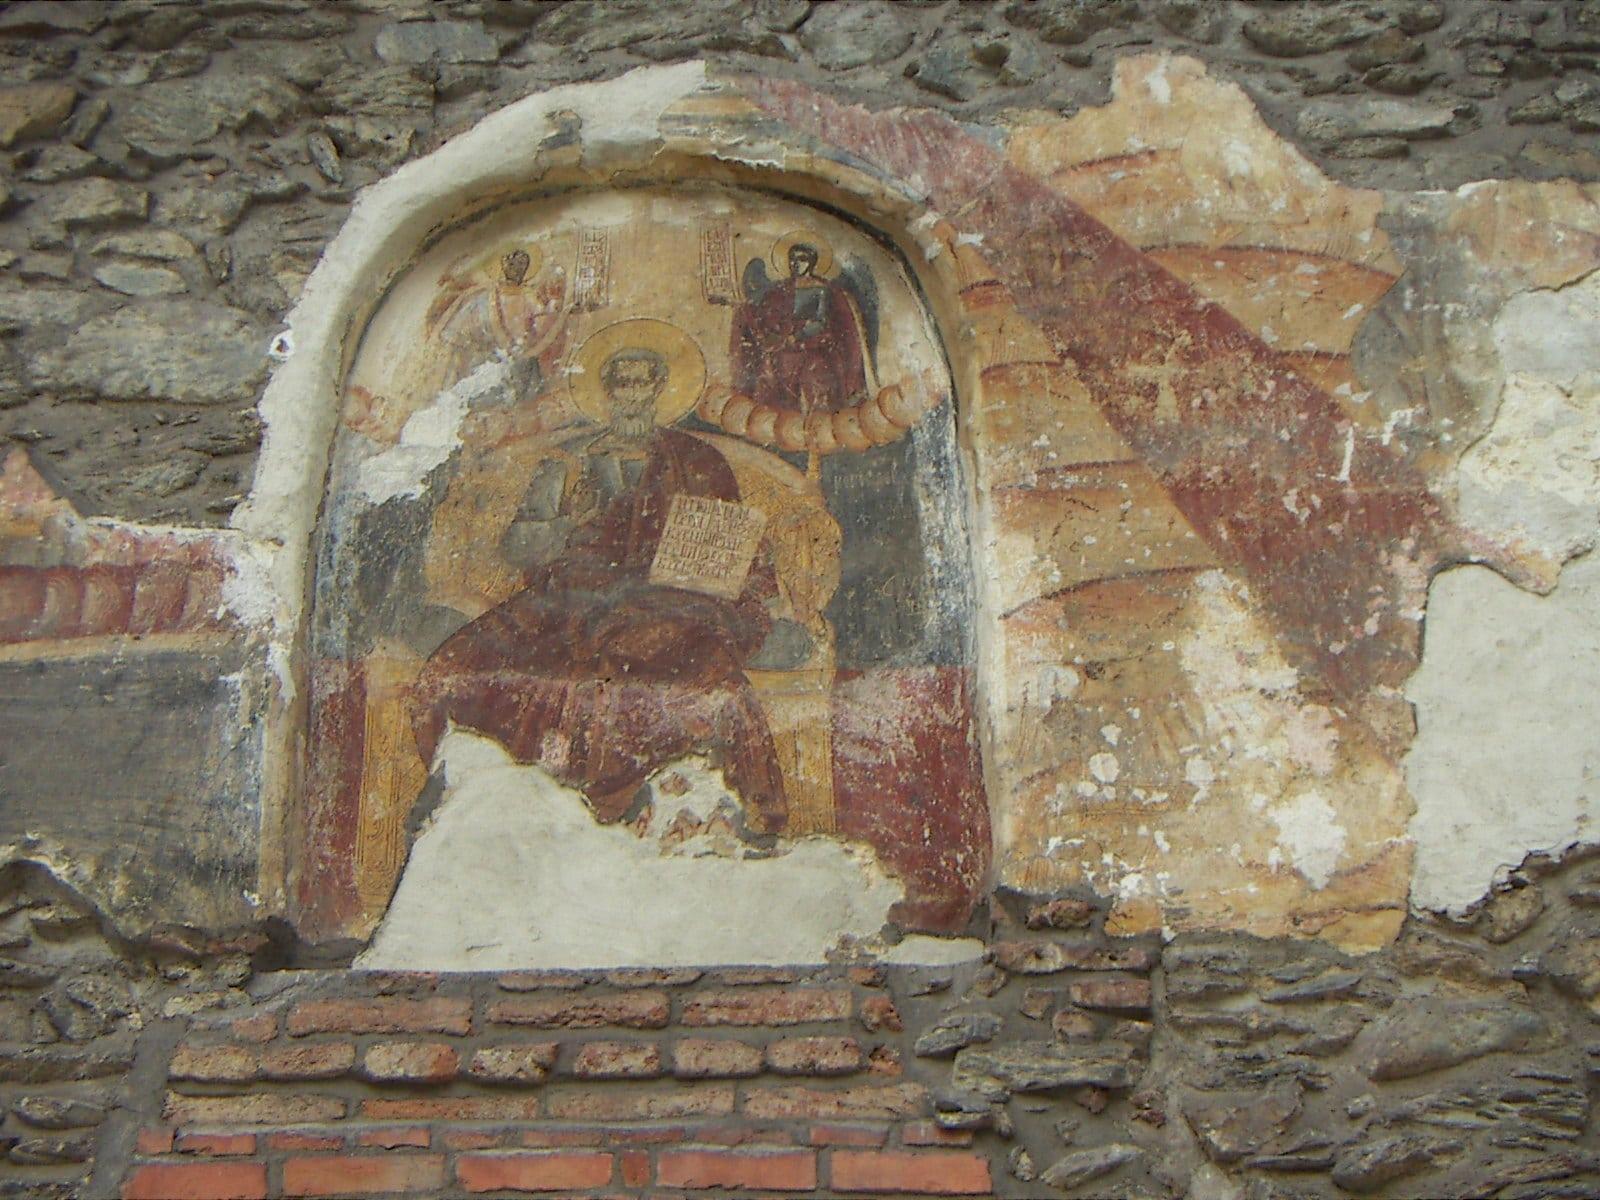 Picturi extrem de vechi înfrumuseţează pereţii mănăstirii